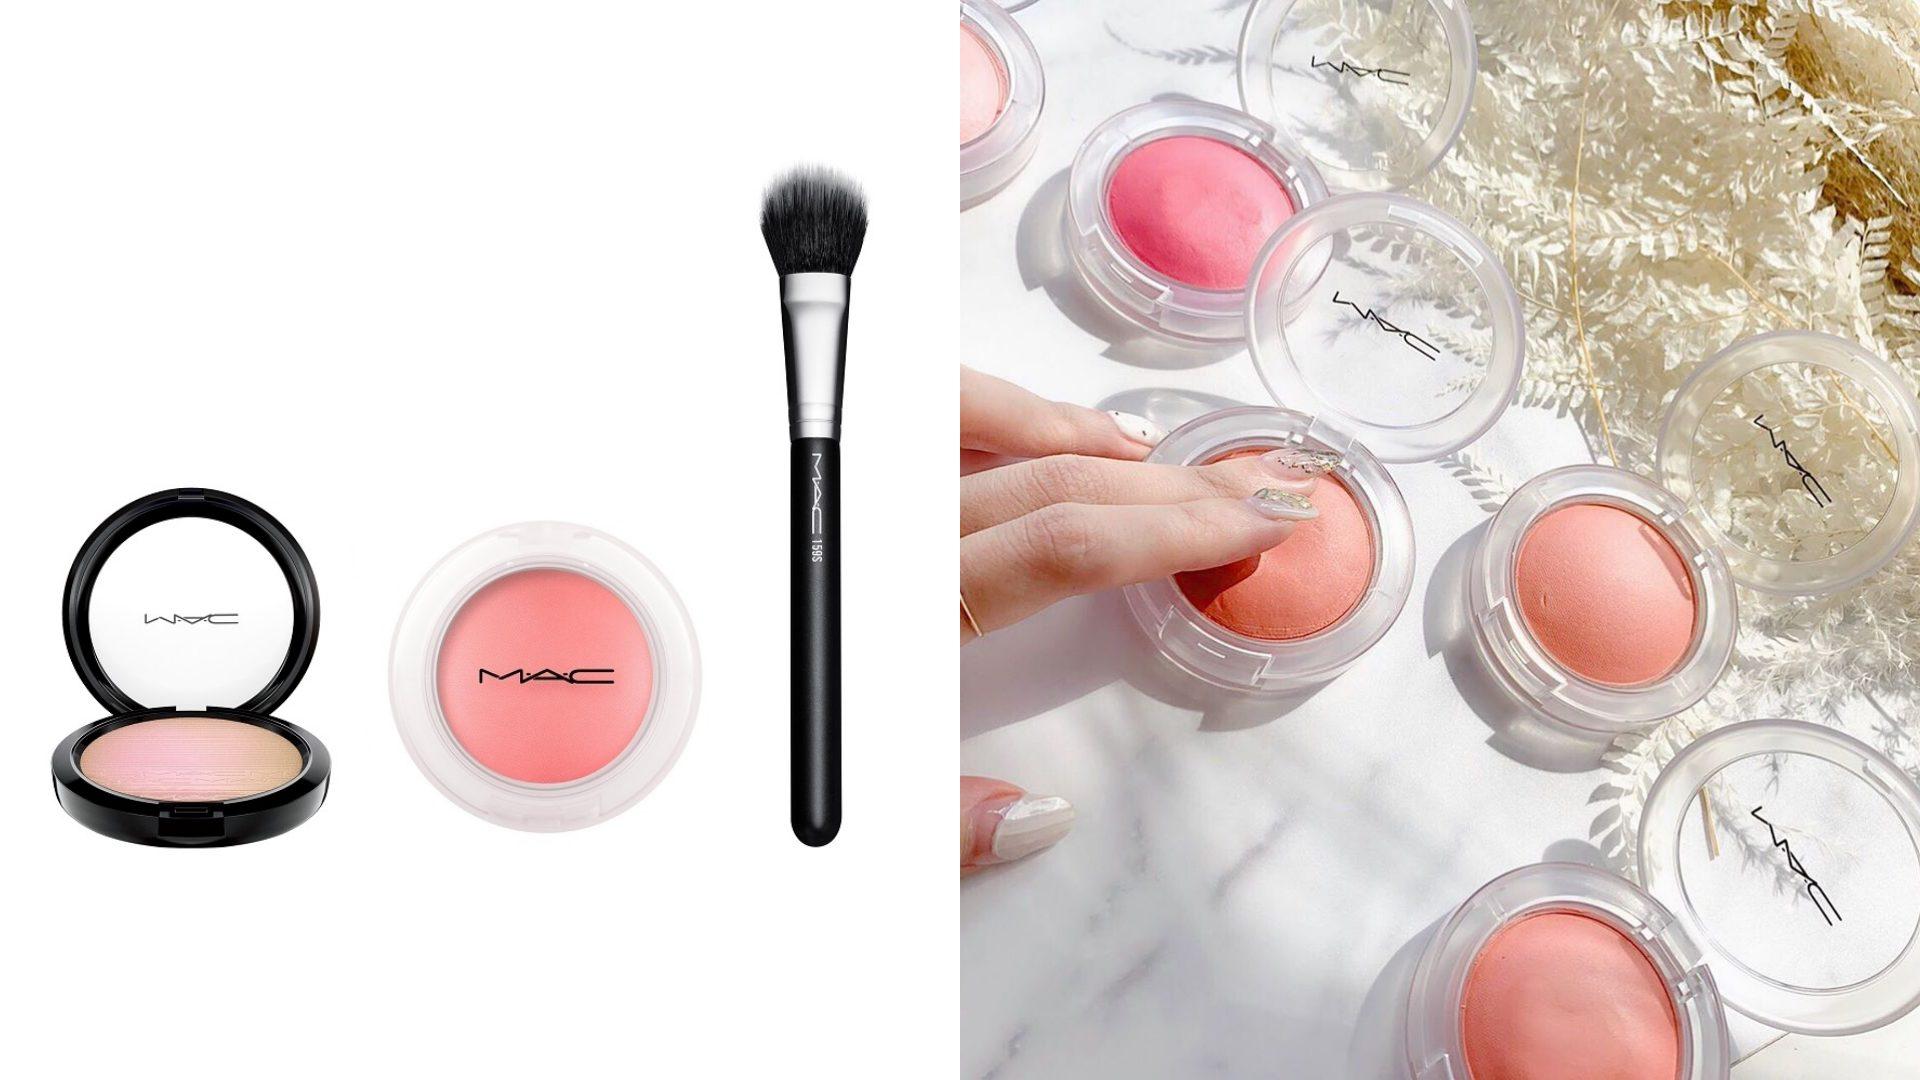 軟Q絲滑的獨特質地,可以打造出綿密細緻的妝感。保濕服貼且好暈染不結塊,帶給肌膚自然優雅的健康光澤感